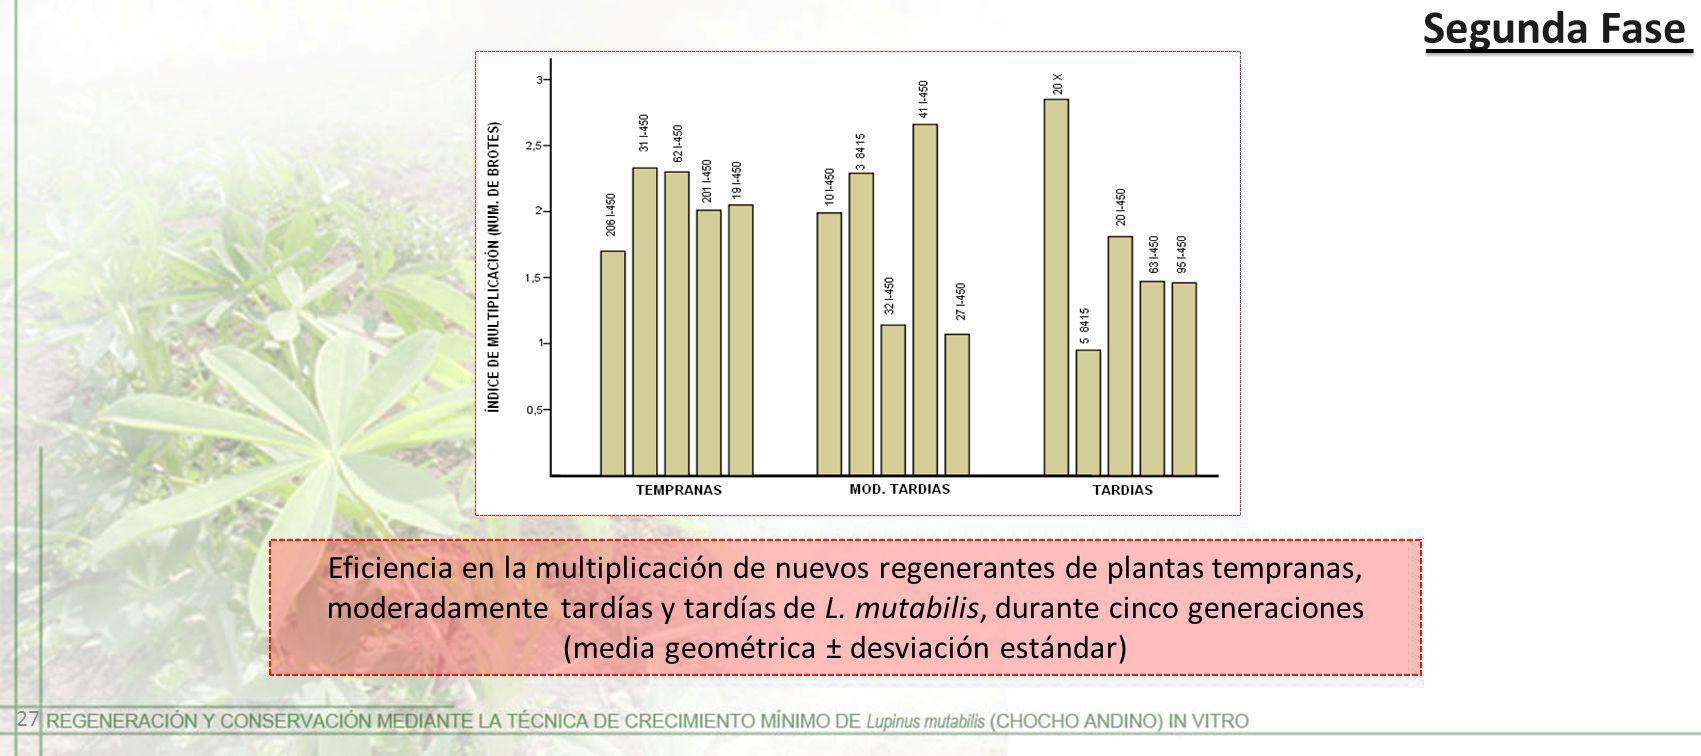 Segunda Fase 27 Eficiencia en la multiplicación de nuevos regenerantes de plantas tempranas, moderadamente tardías y tardías de L. mutabilis, durante